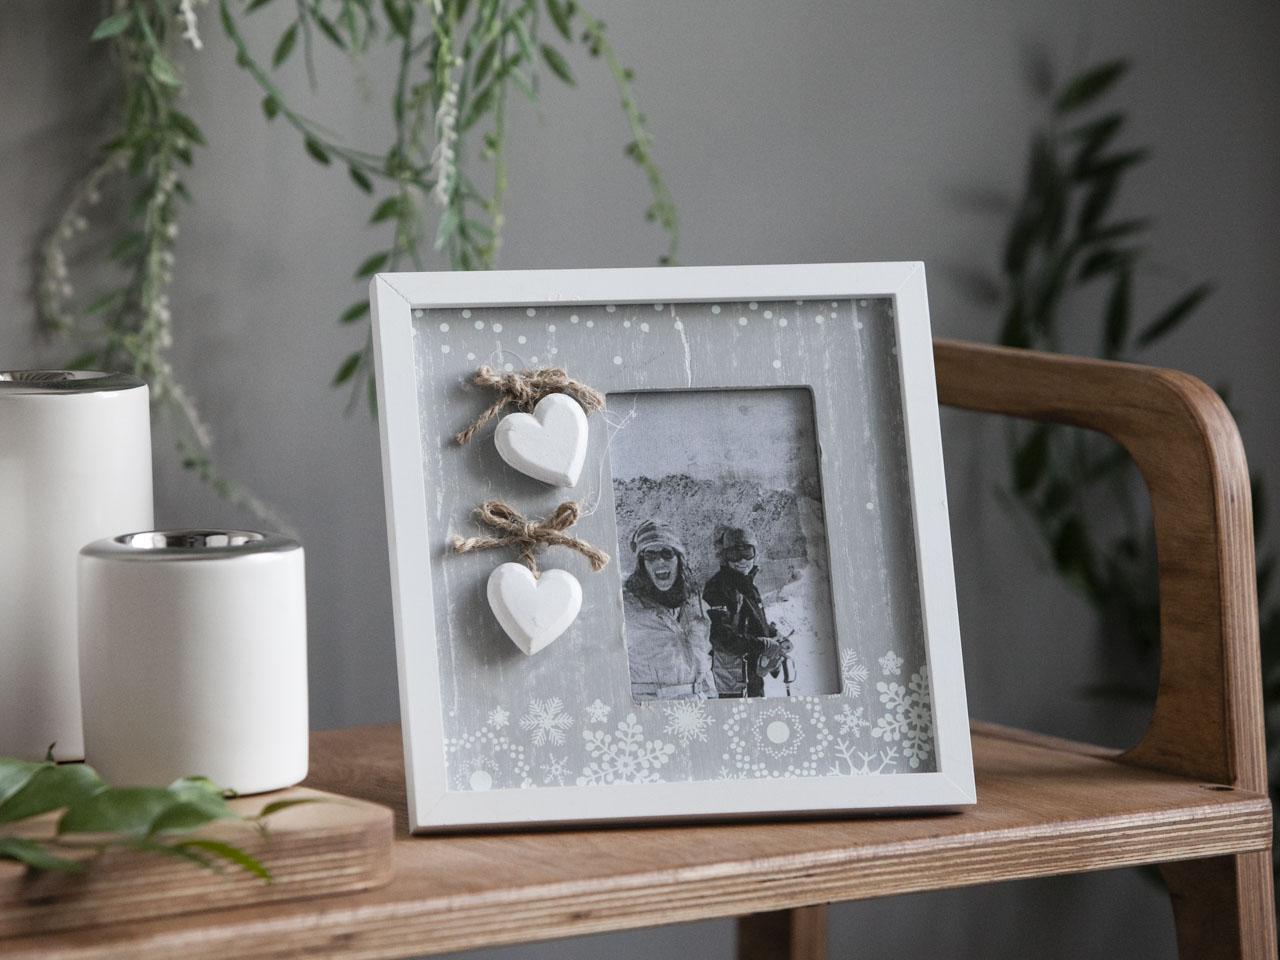 Ramka do zdjęcia stojąca Altom Design Home 21x21x2,5 cm